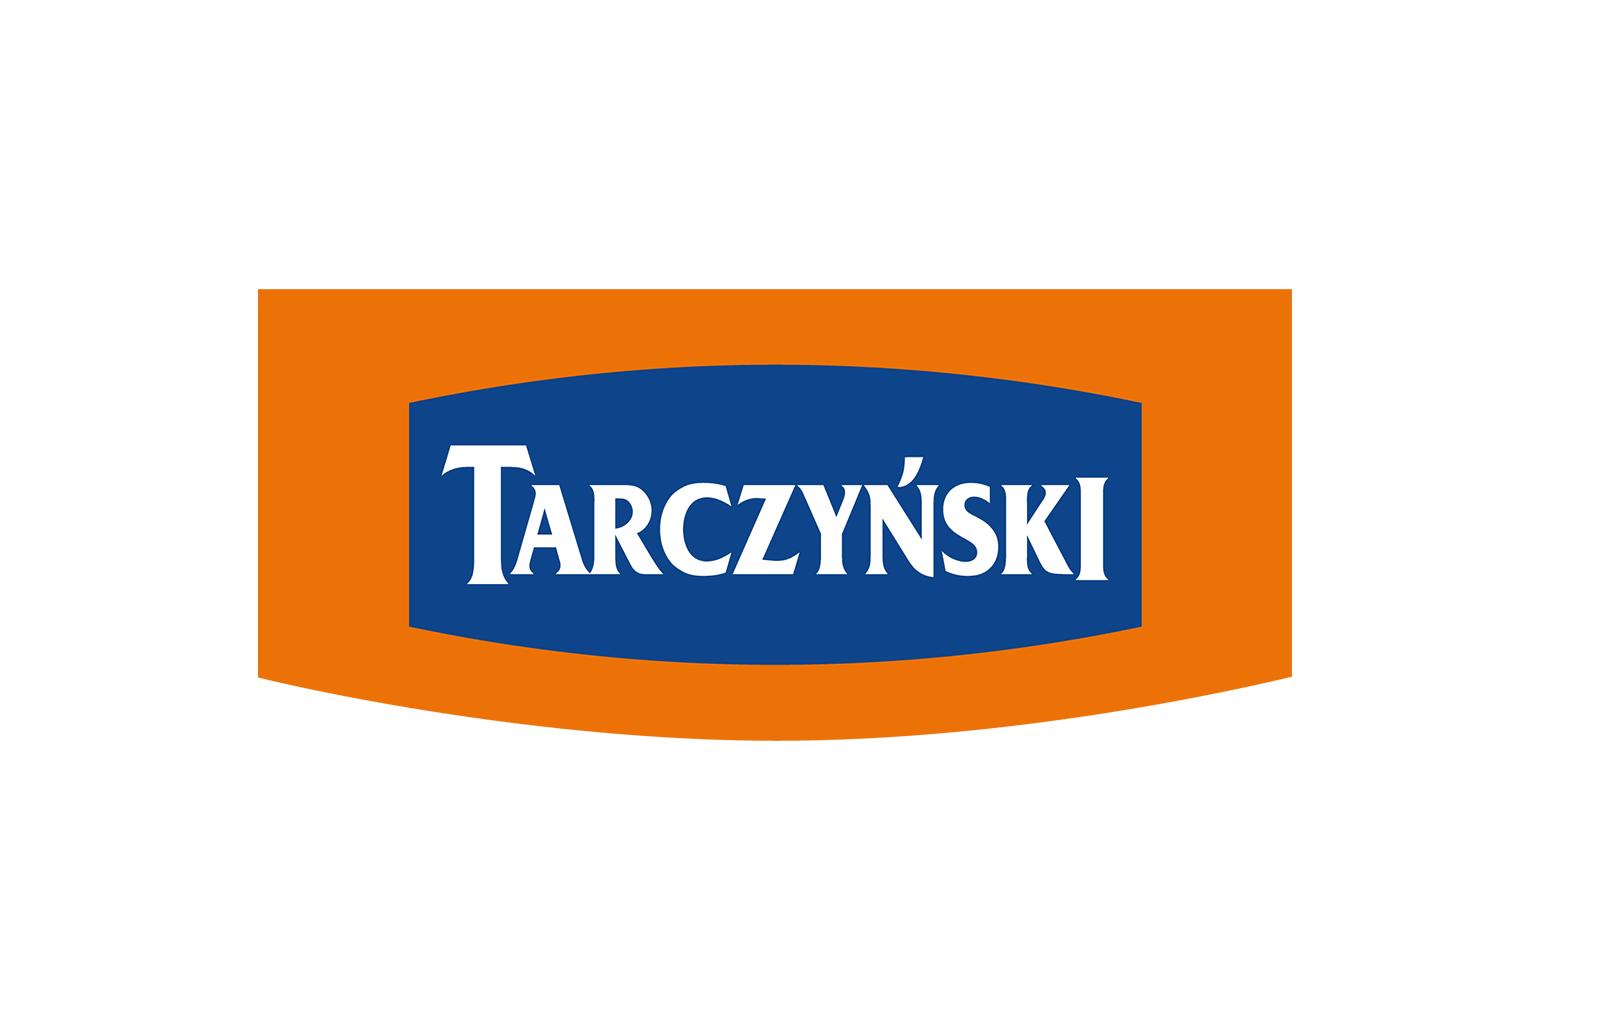 tarczynski